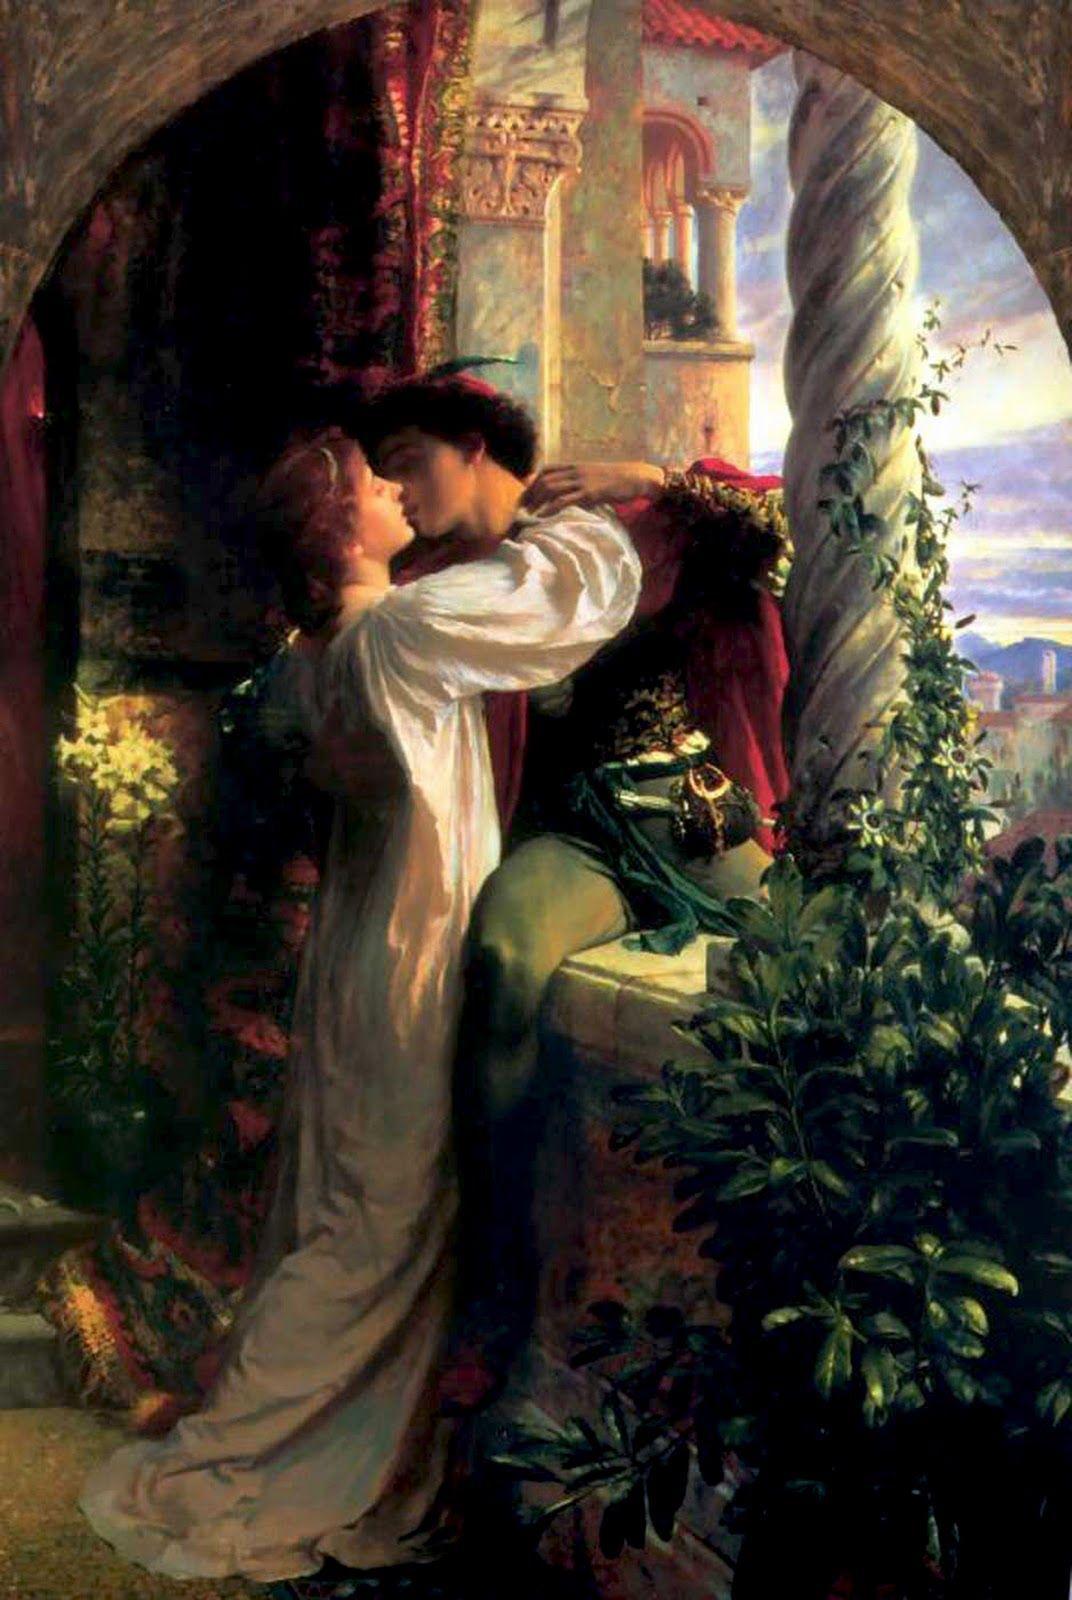 ¿Cómo muere Julieta en la famosa obra de Shakespeare?